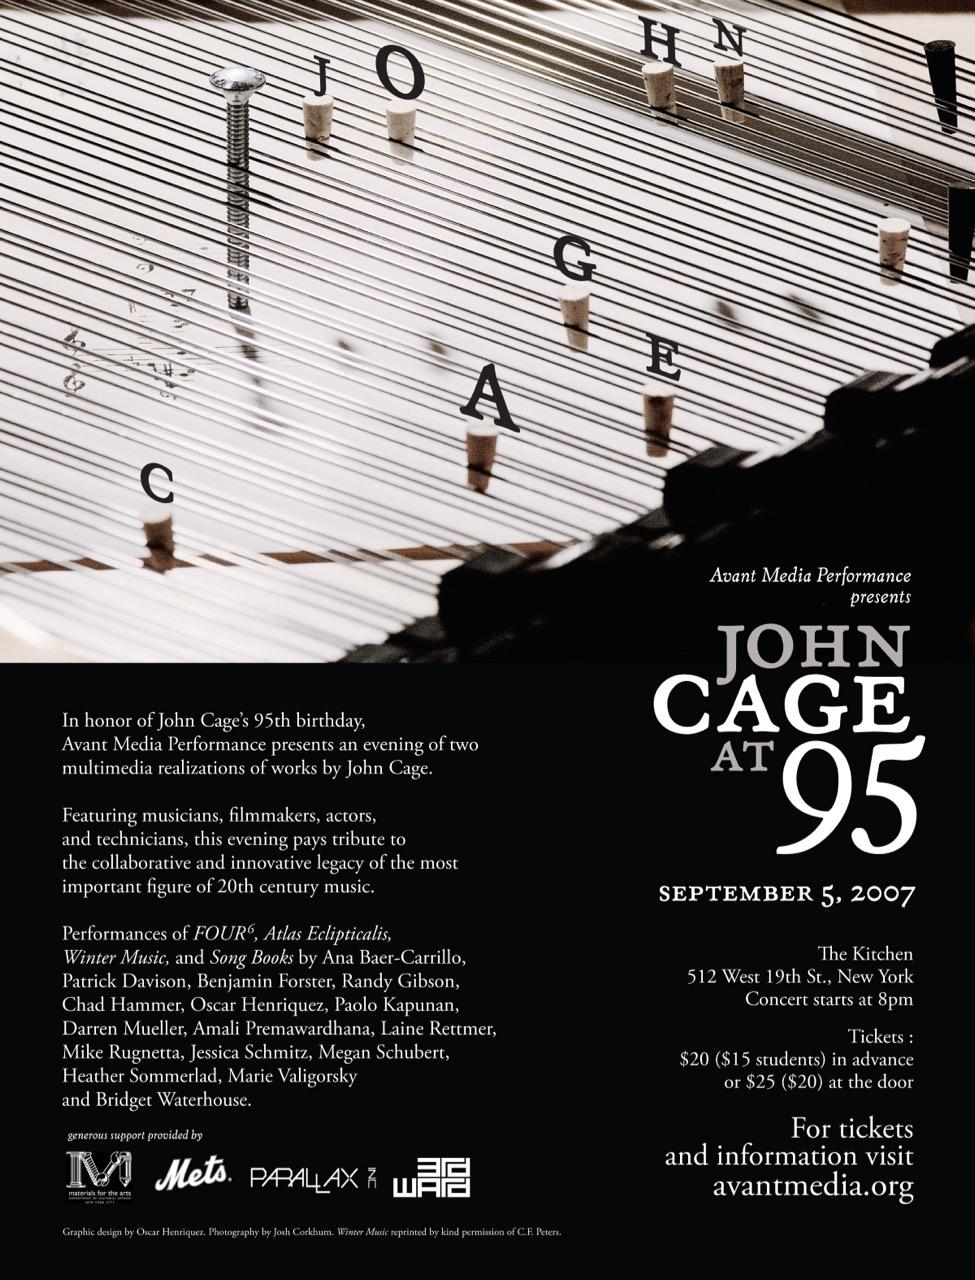 Poster for <em>John Cage at 95</em>